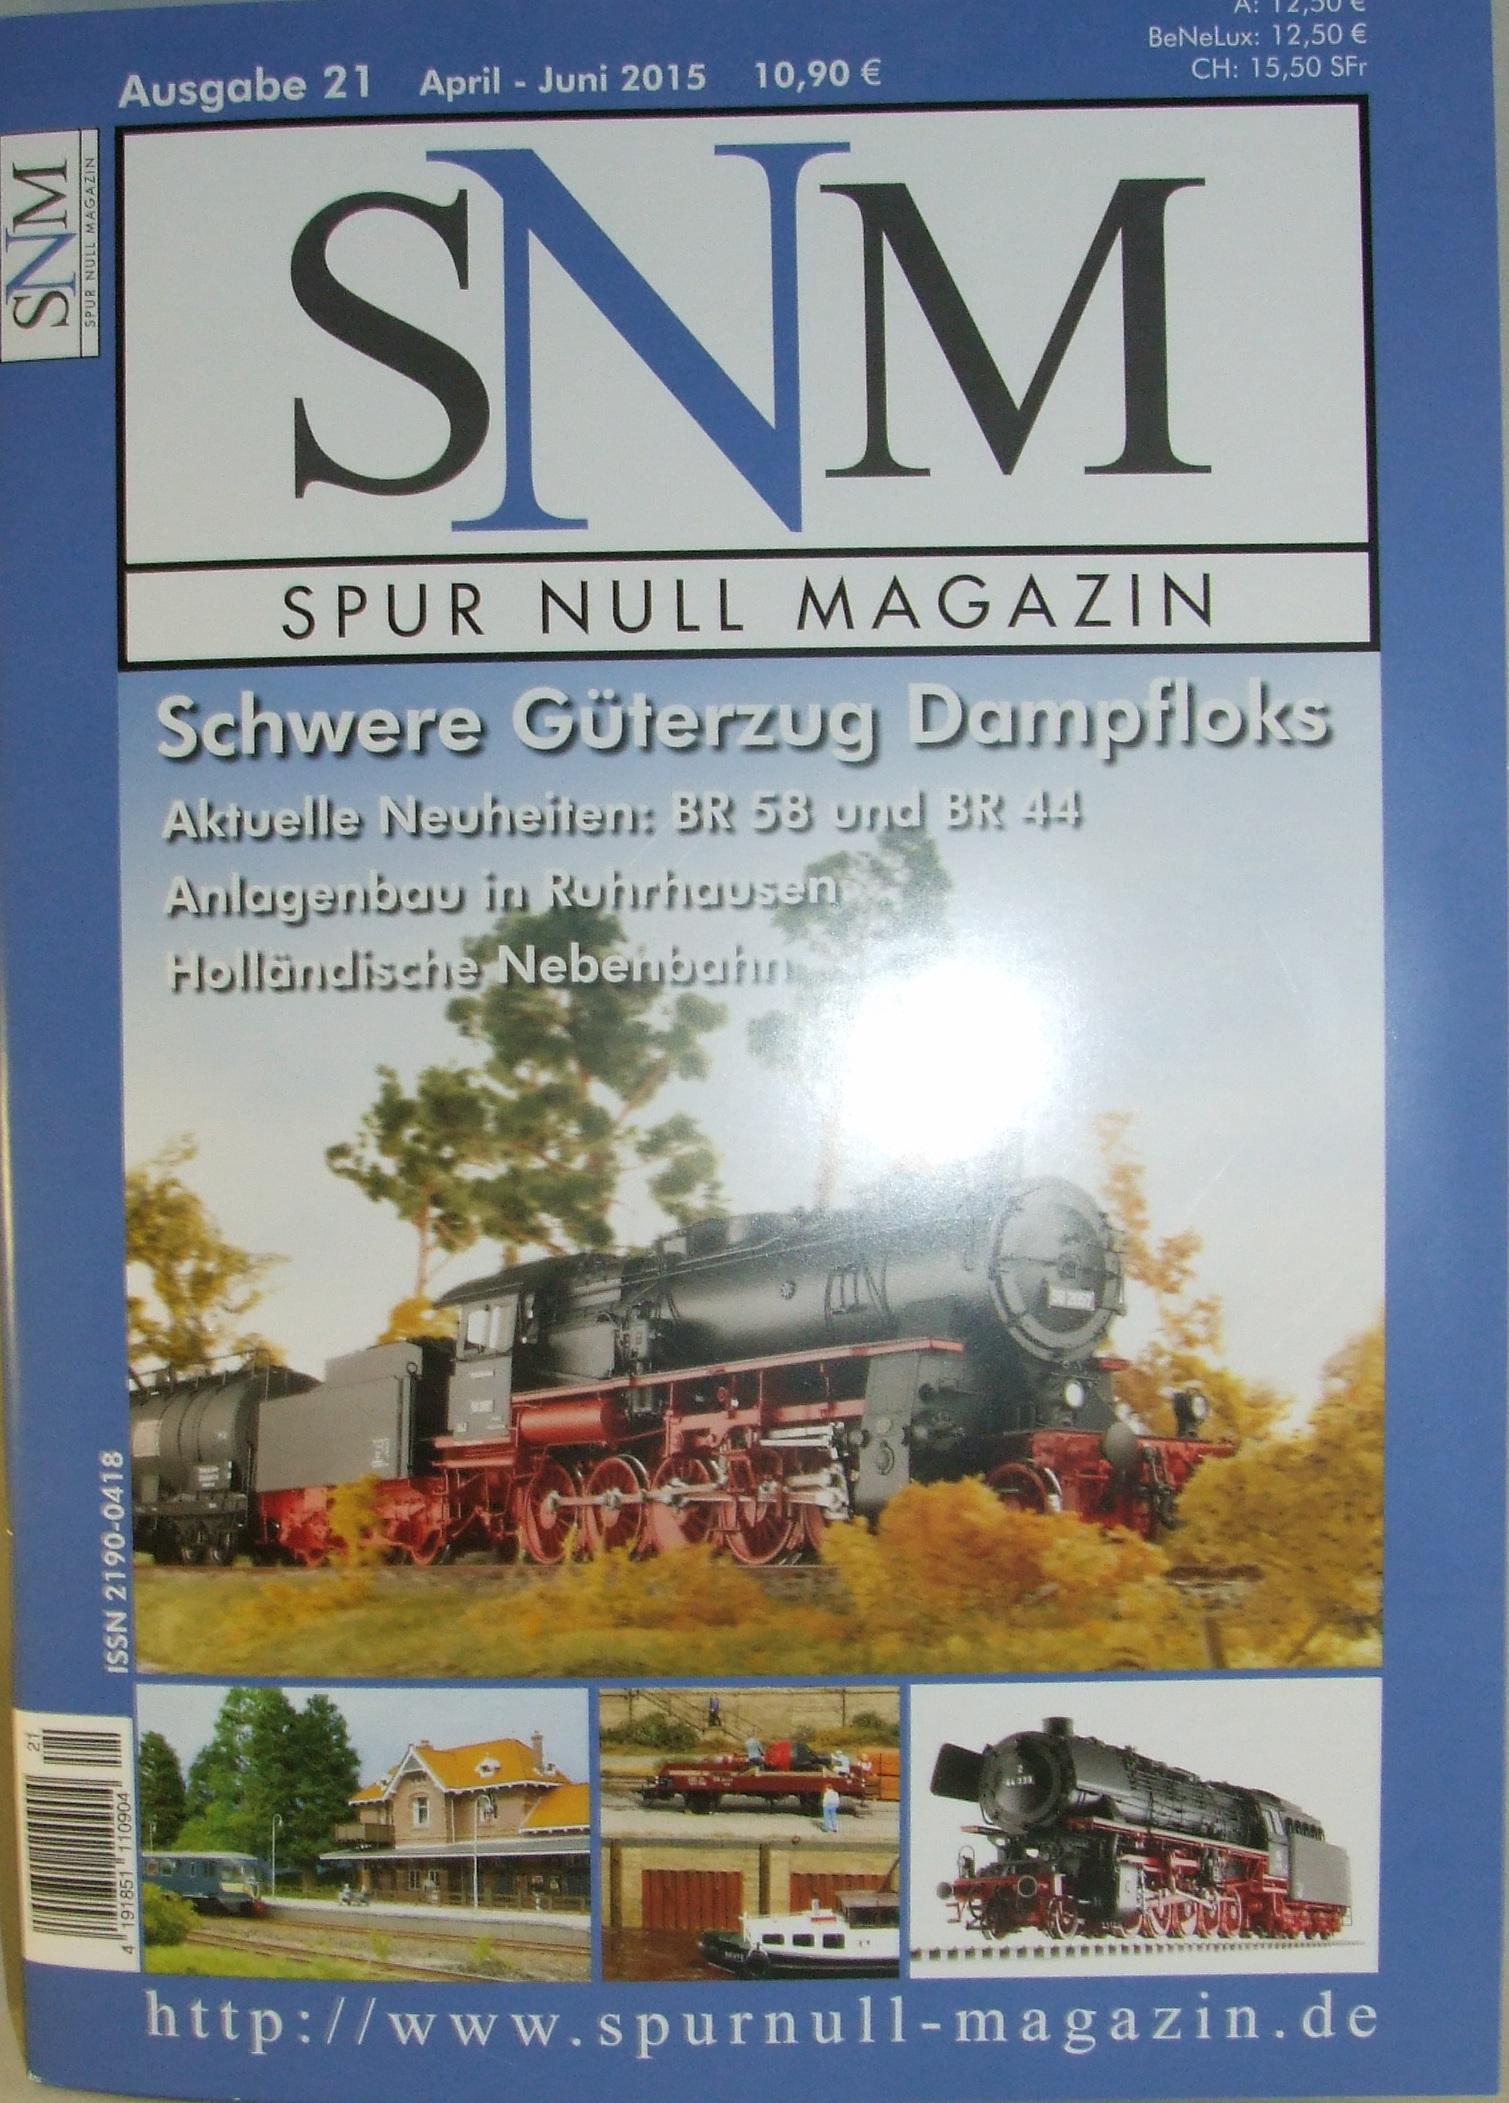 Einzelheft Ausgabe 21 April - Juni 2015 Spur Null Magazin